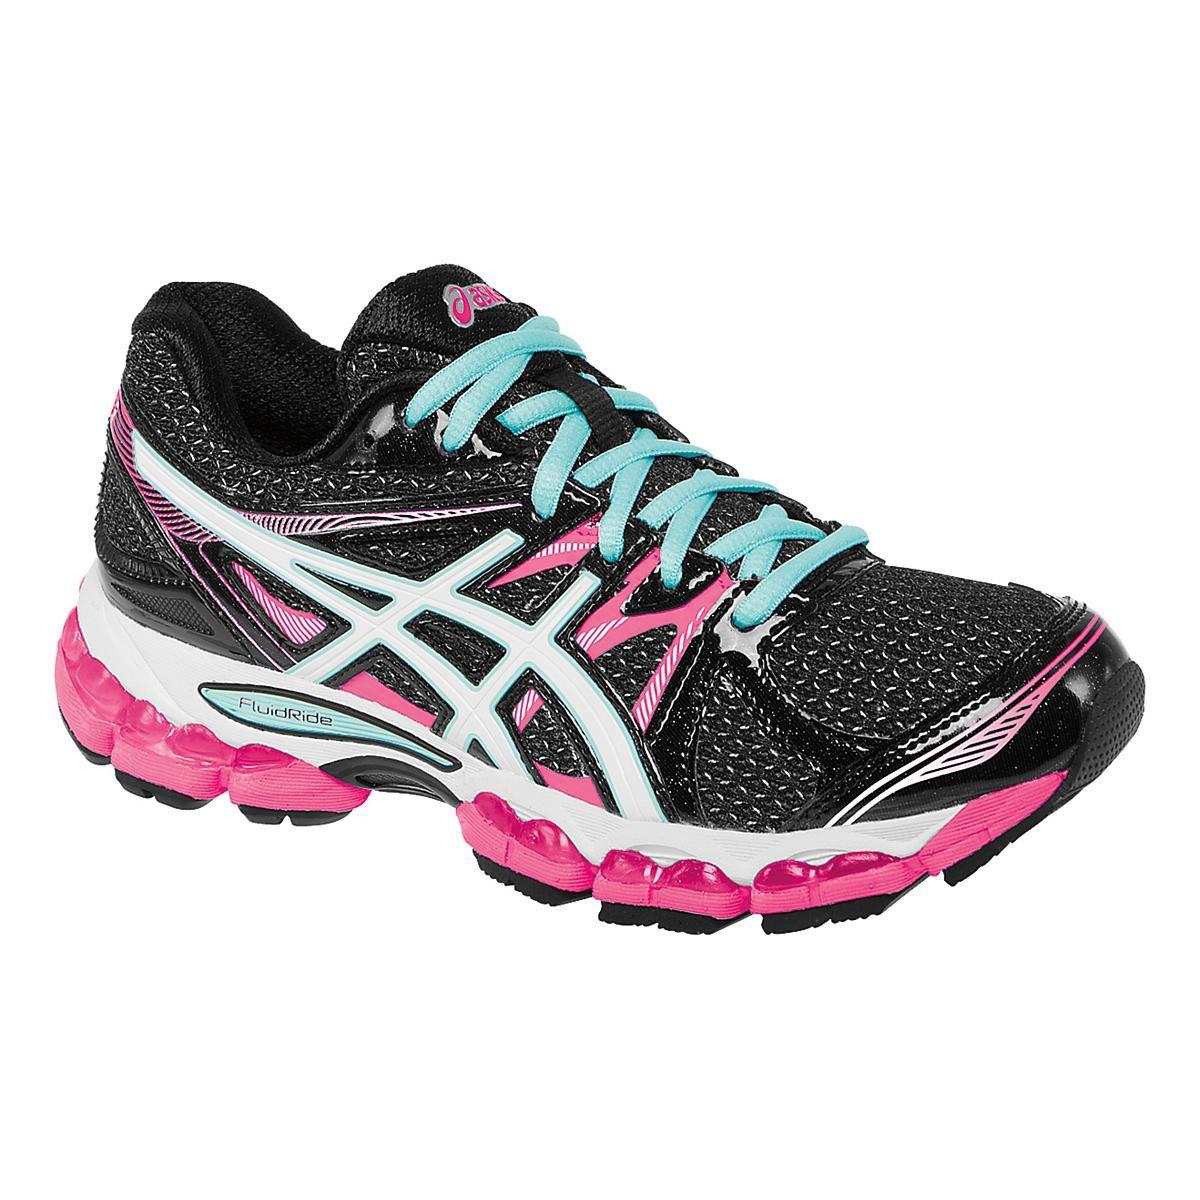 ASICS GEL-Evate 2 | Asics running shoes